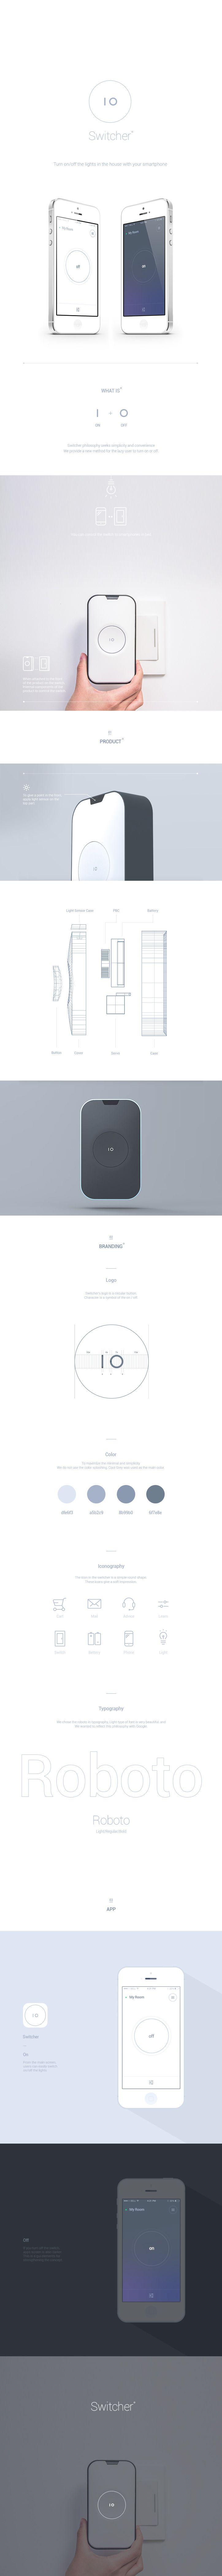 스위처 Product / Branding / UXUIDesign.